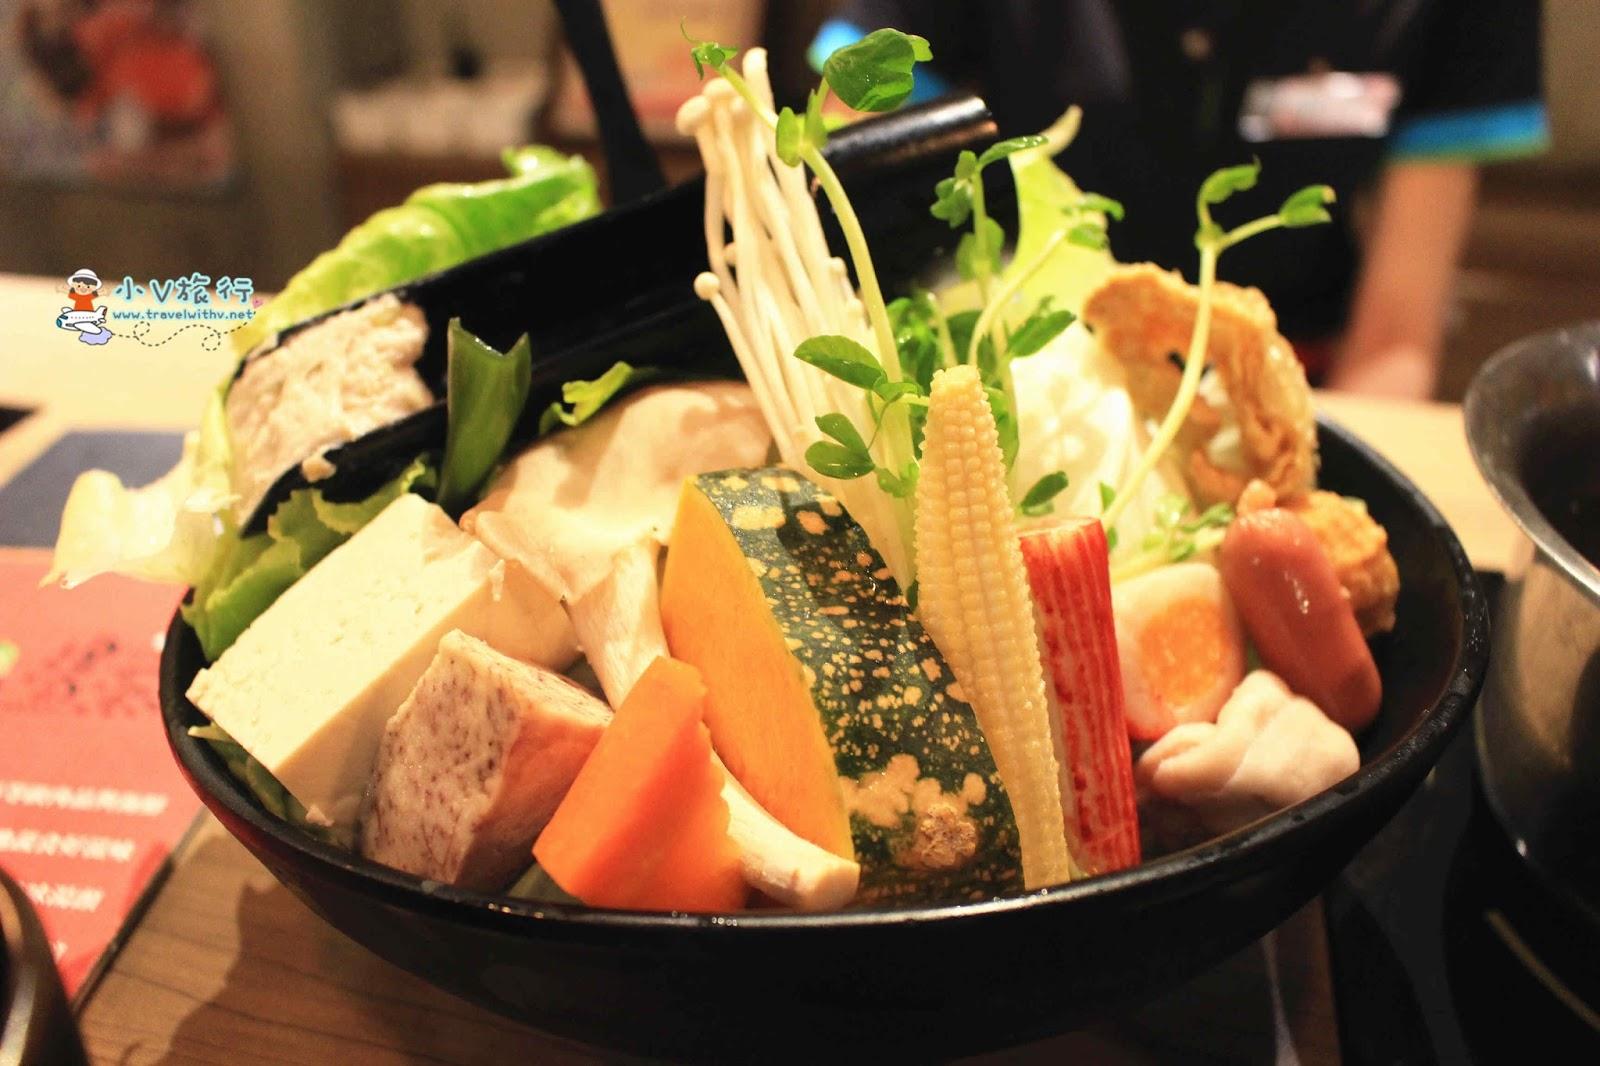 台東市美食湯蒸火鍋 一人一鍋